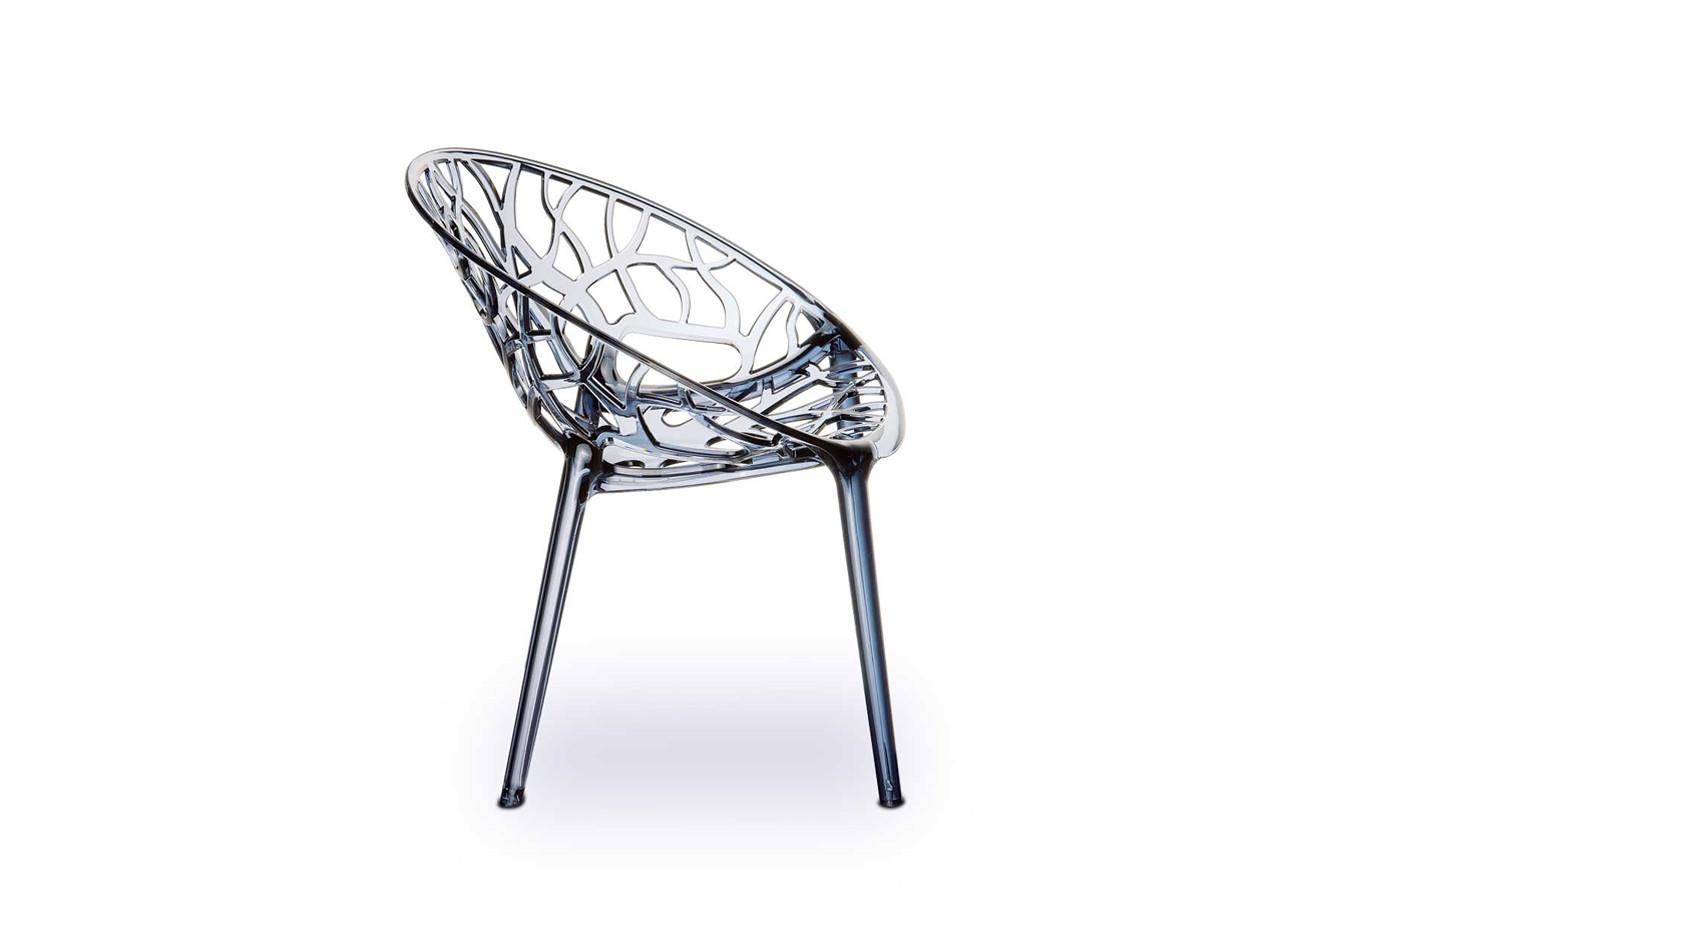 Atemberaubender Acryl Stuhl aus hochfestem Polyamid in Smokey, der Plexiglas Stuhl NATURE...